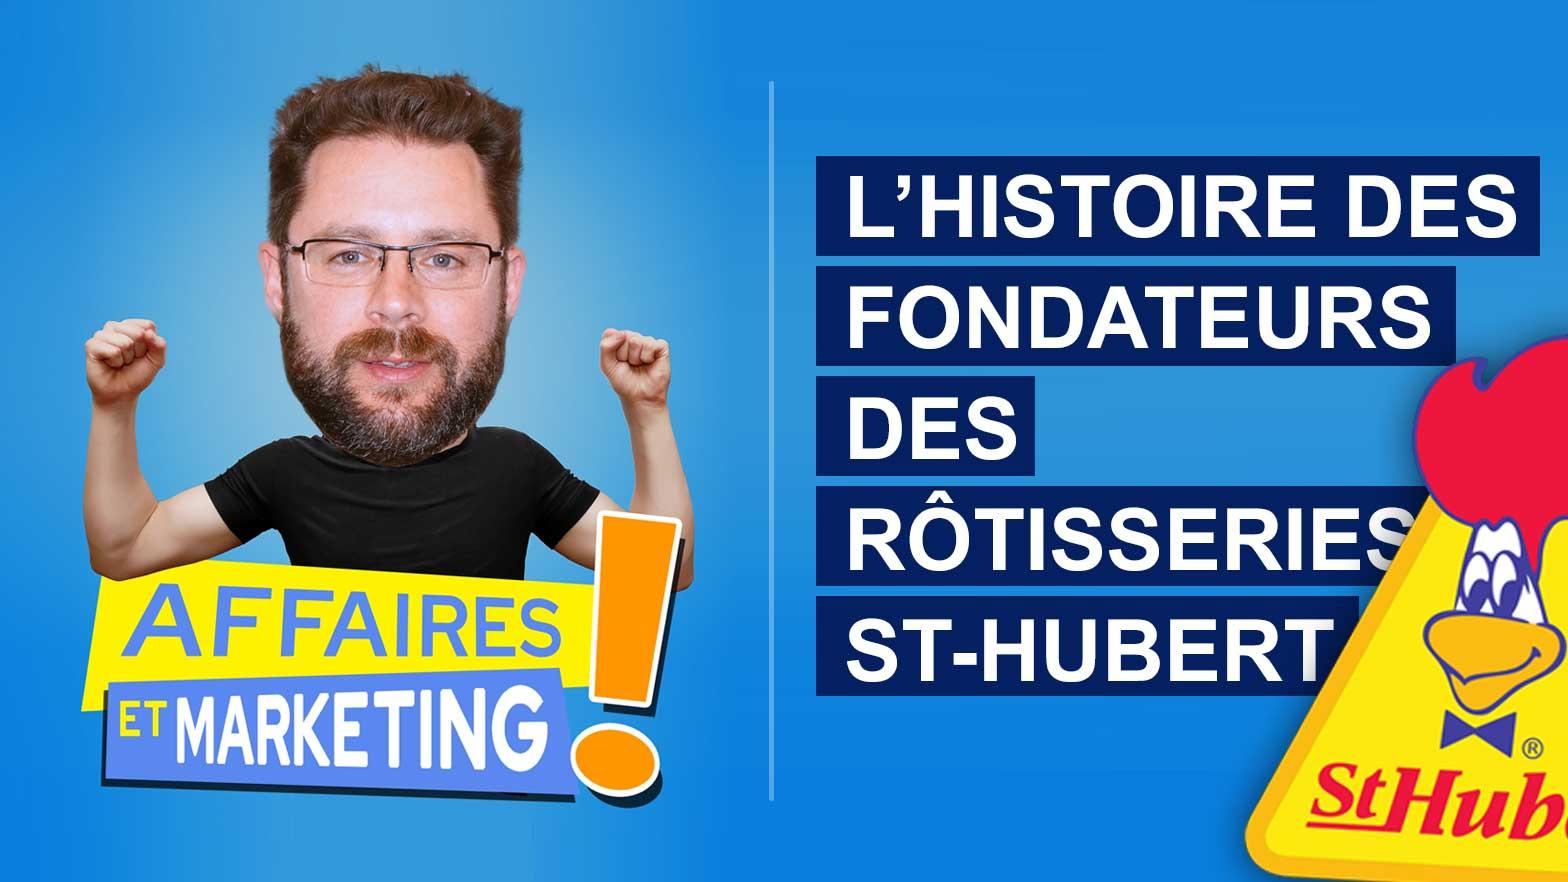 L'histoire des fondateurs des rôtisseries St-Hubert